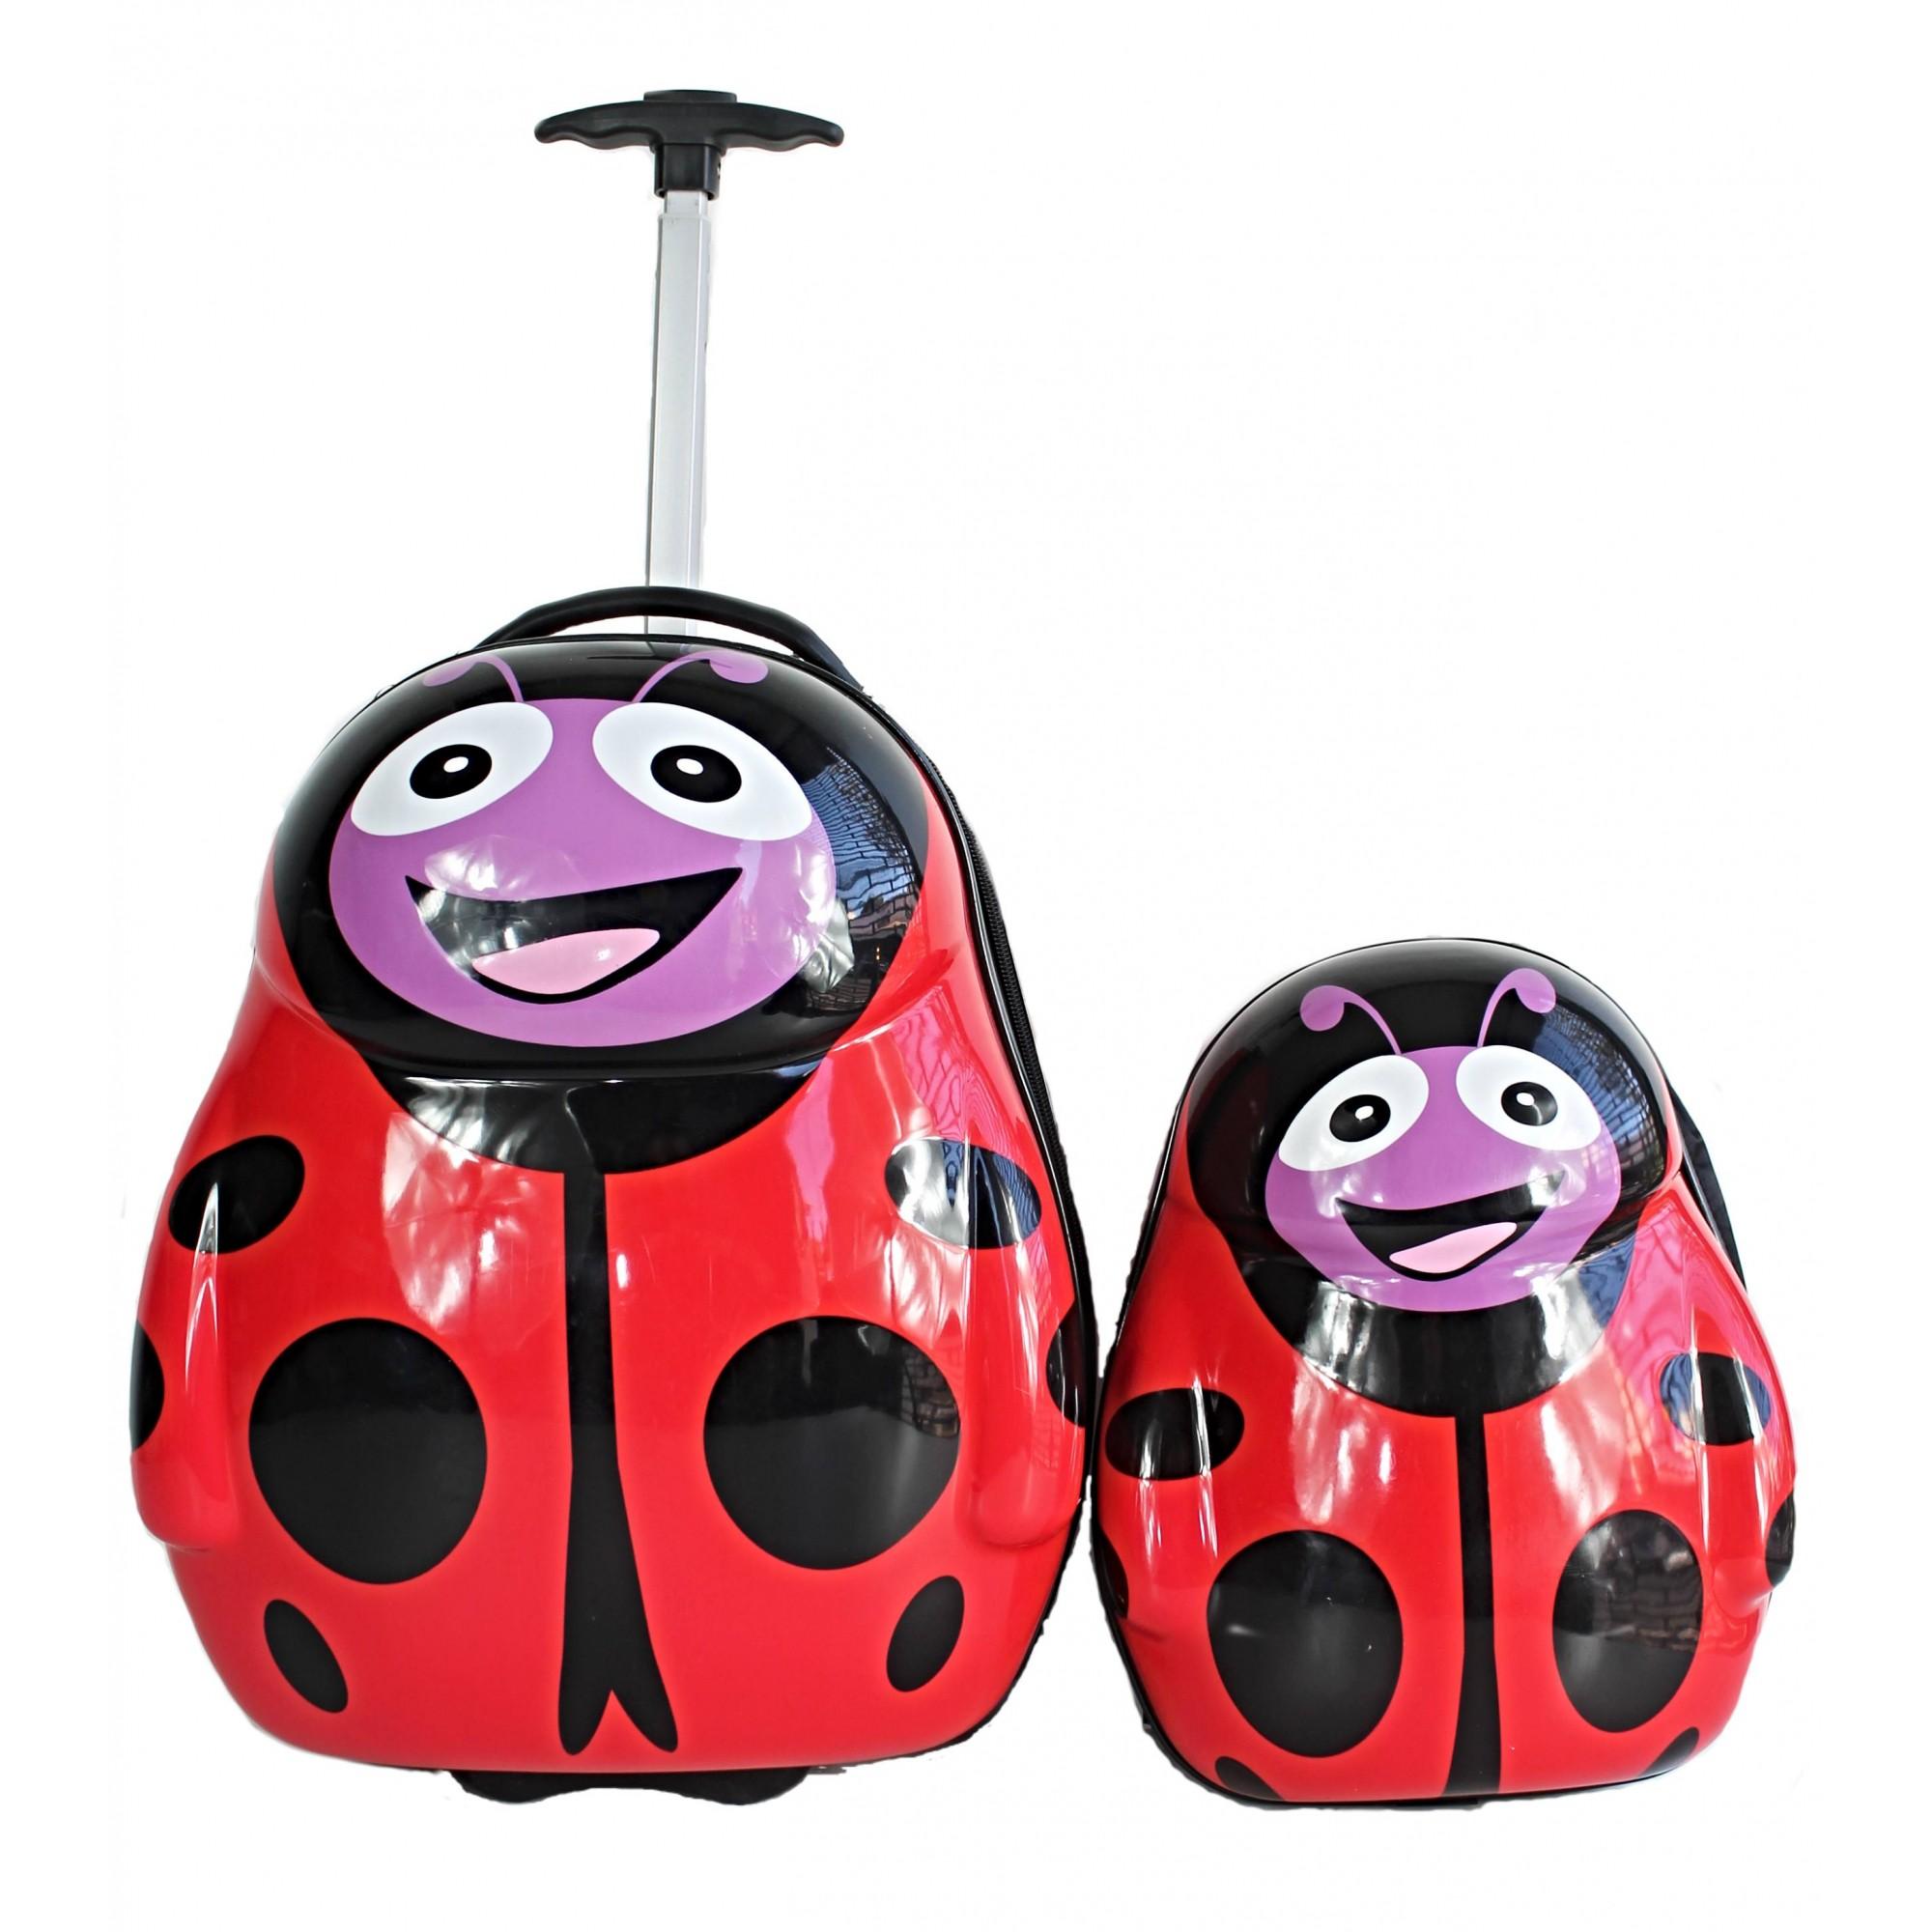 Kit mala de viagem escolar infantil 2 rodas e mochila rígida joaninha